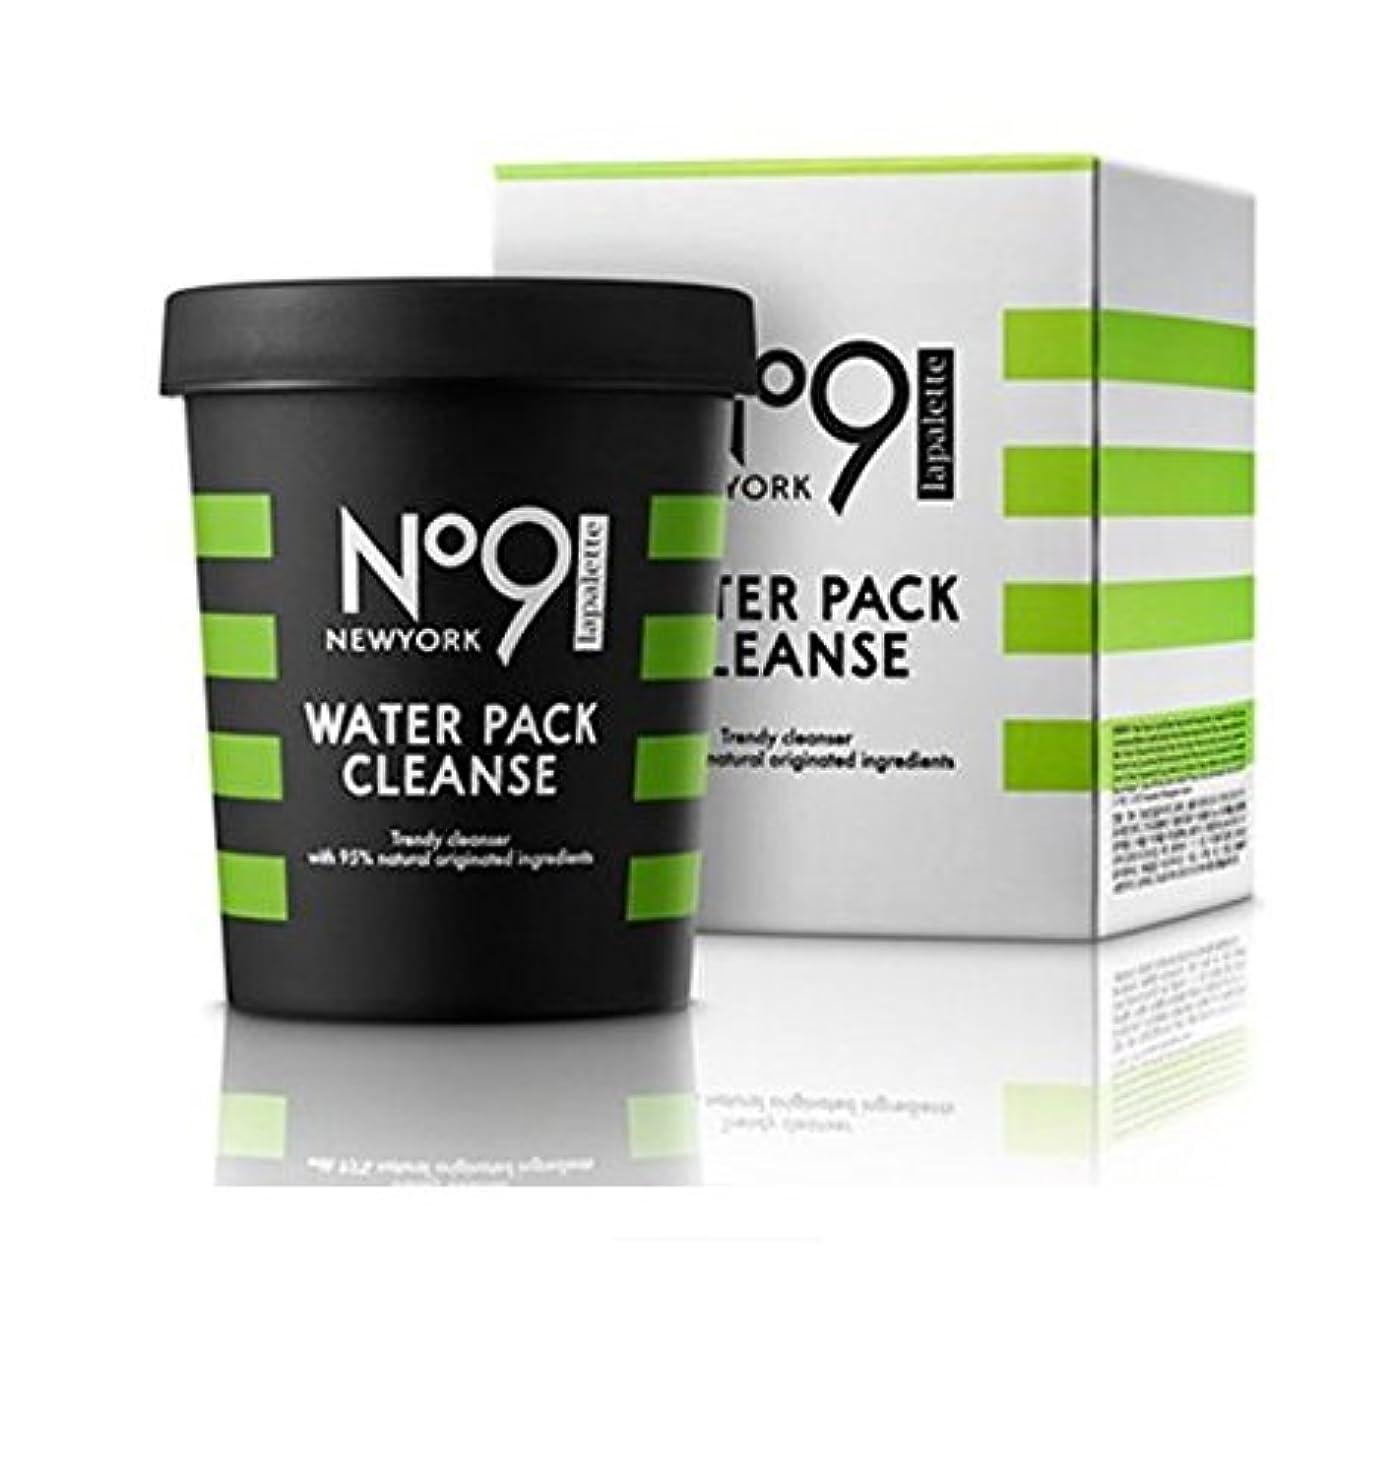 近代化秀でる版lapalette (ラ パレット) No.9 ウォーター パッククレンザー/No.9 Water Pack Cleanse (250g) (ゼリーゼリーケール(Jelly Jelly Kale)) [並行輸入品]